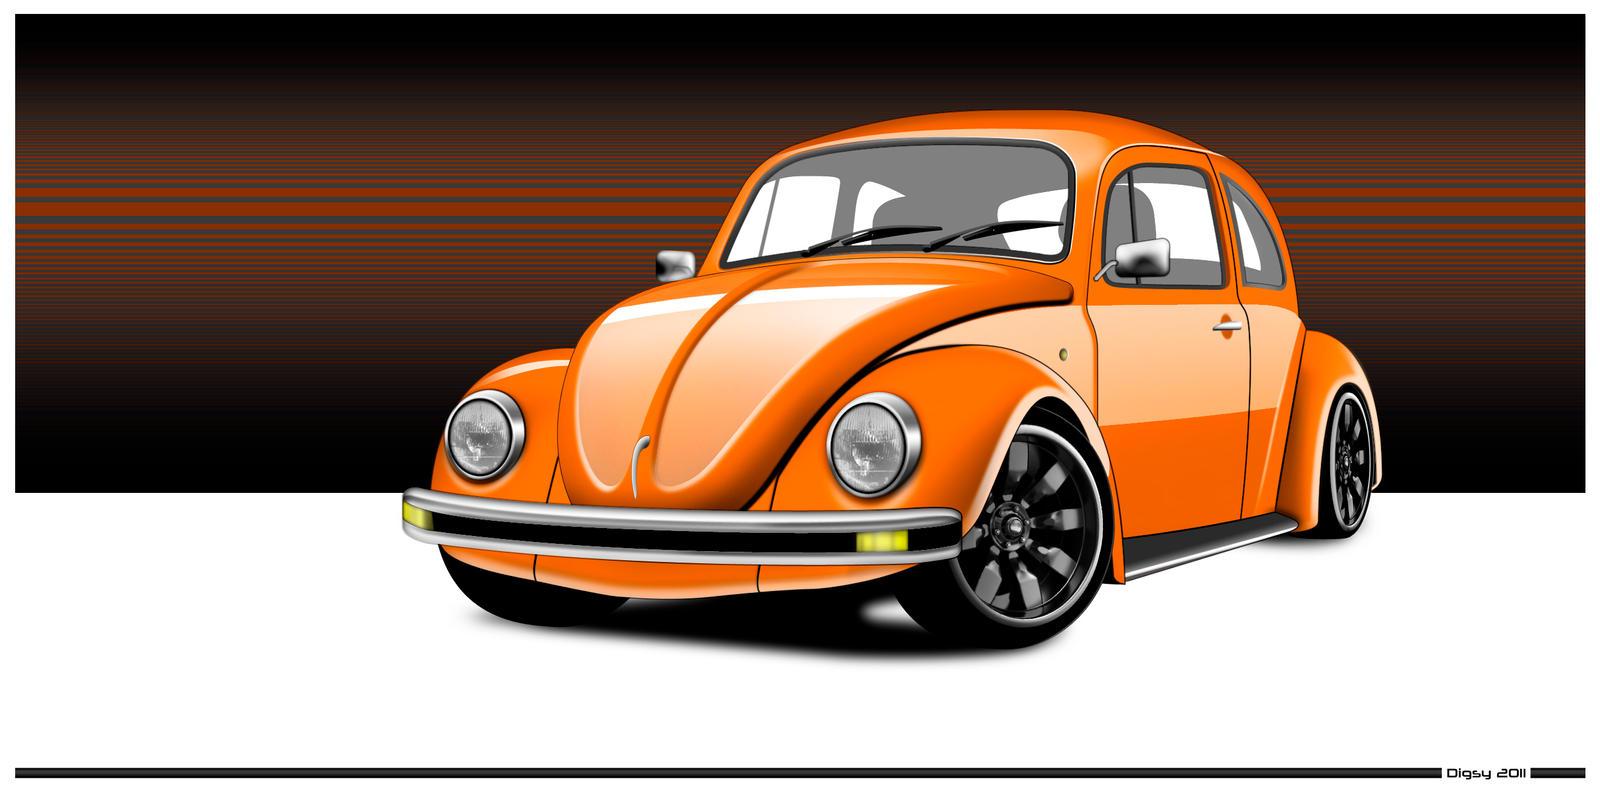 orange vw beetle by diggerruvella on deviantart. Black Bedroom Furniture Sets. Home Design Ideas